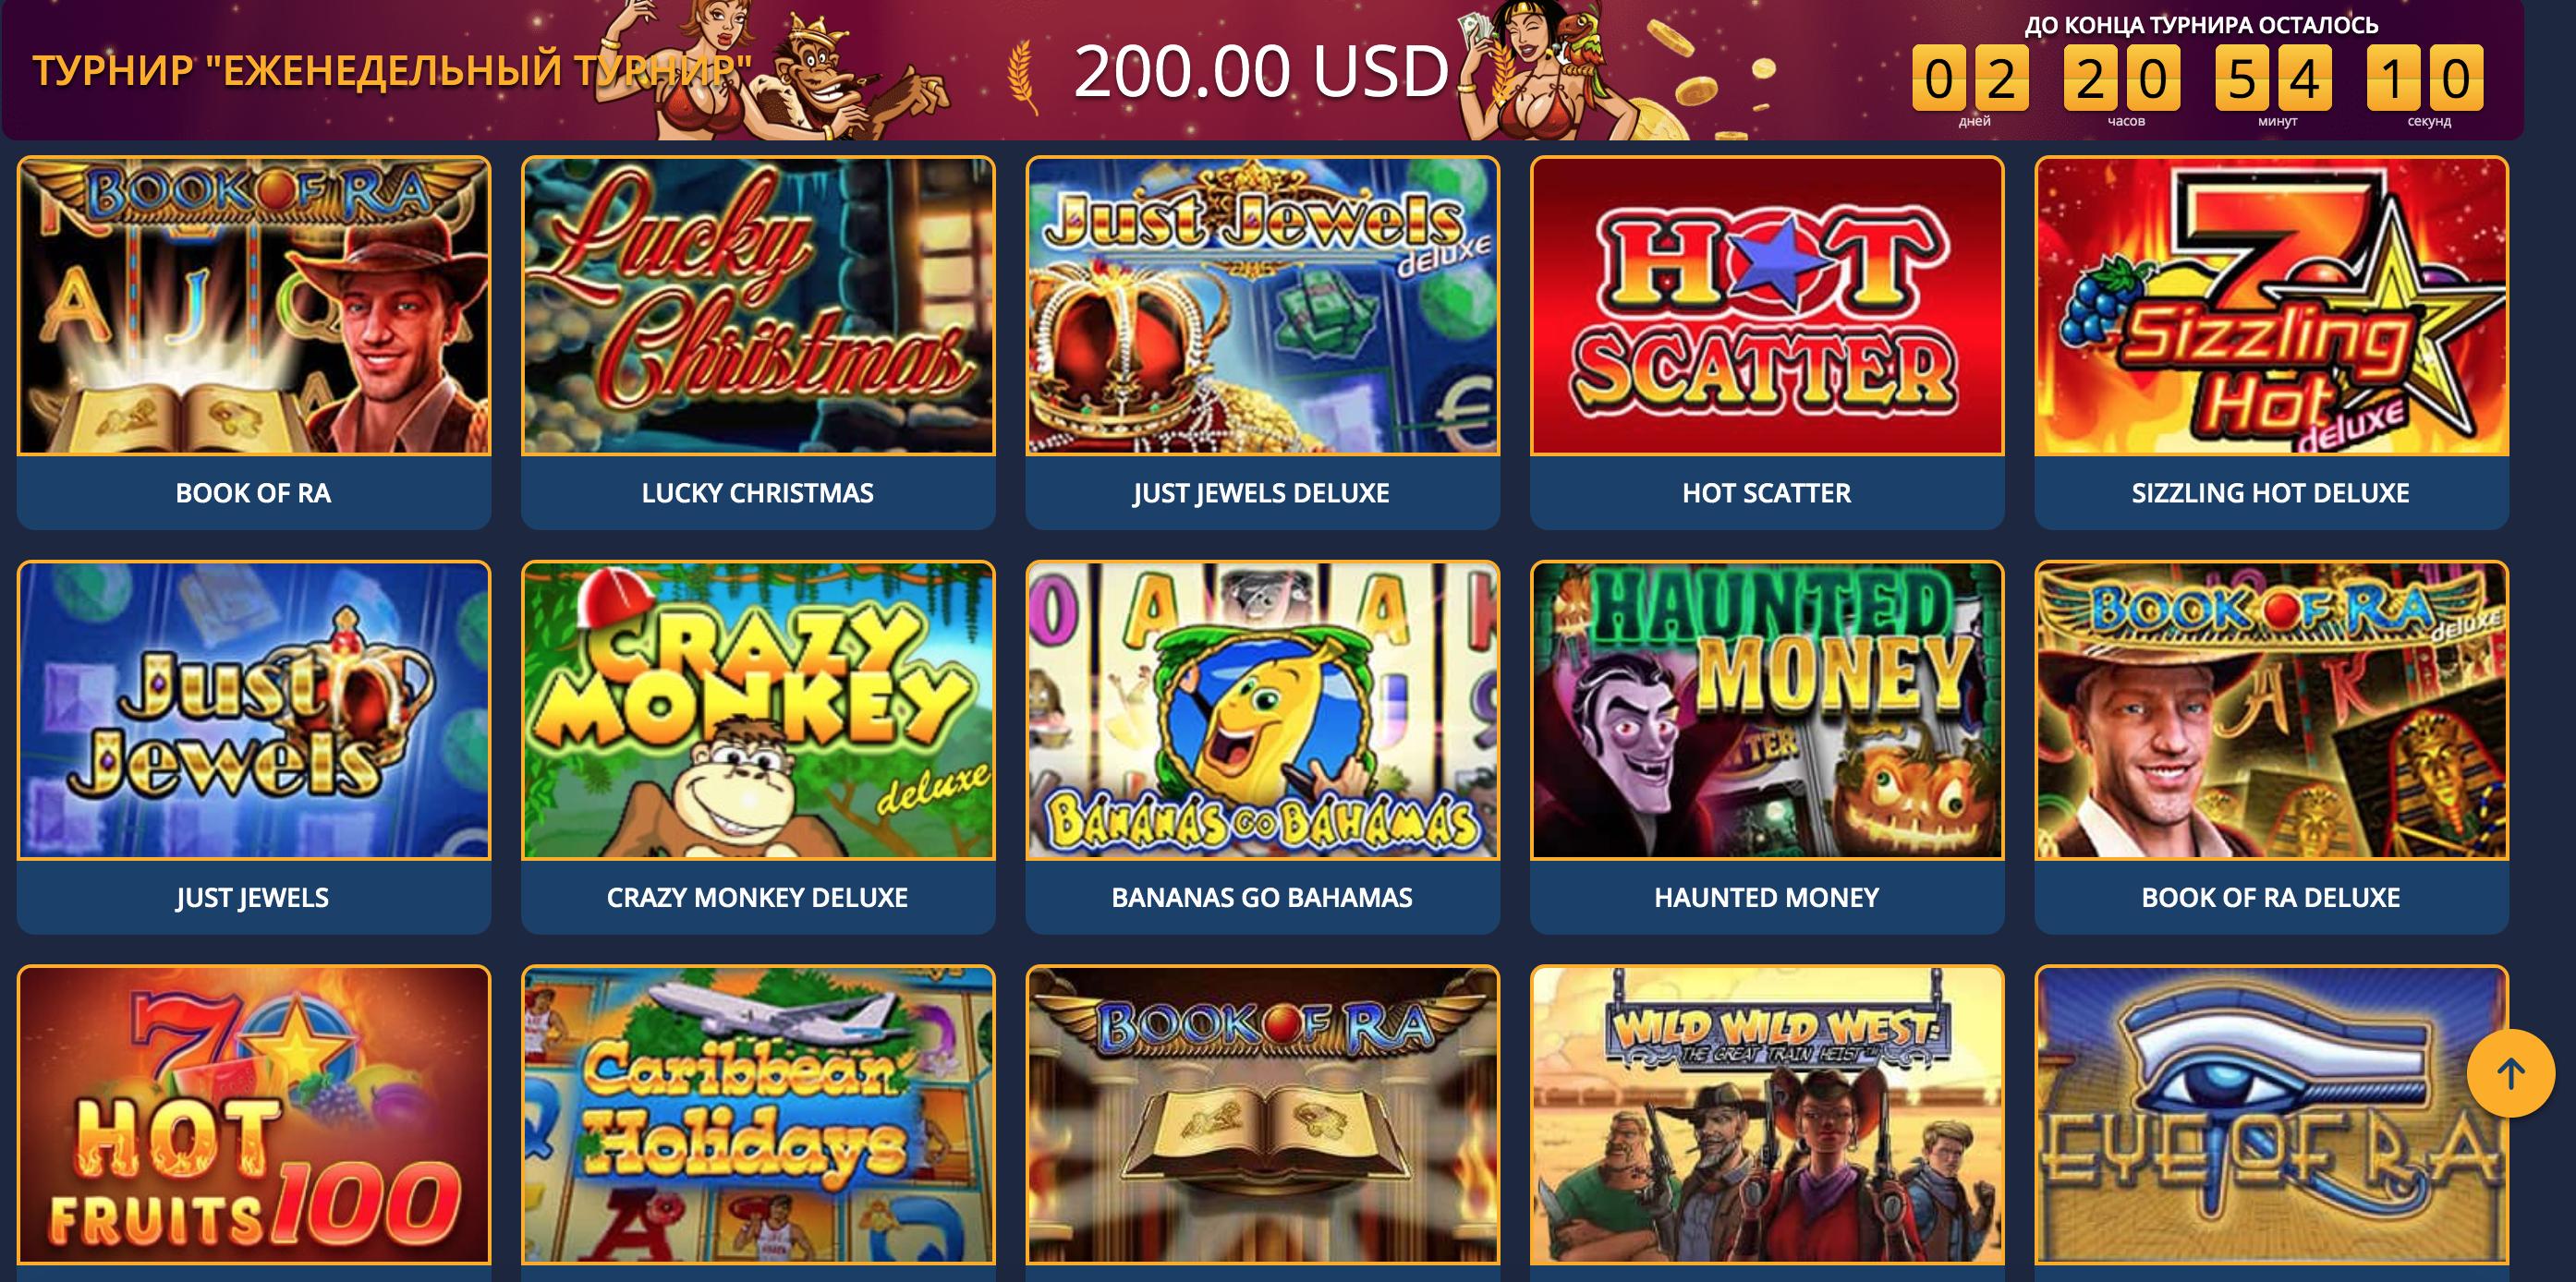 Виды игр игровые автоматы играть игровые автоматы бесплатно без регистрации играть вулкан удачи